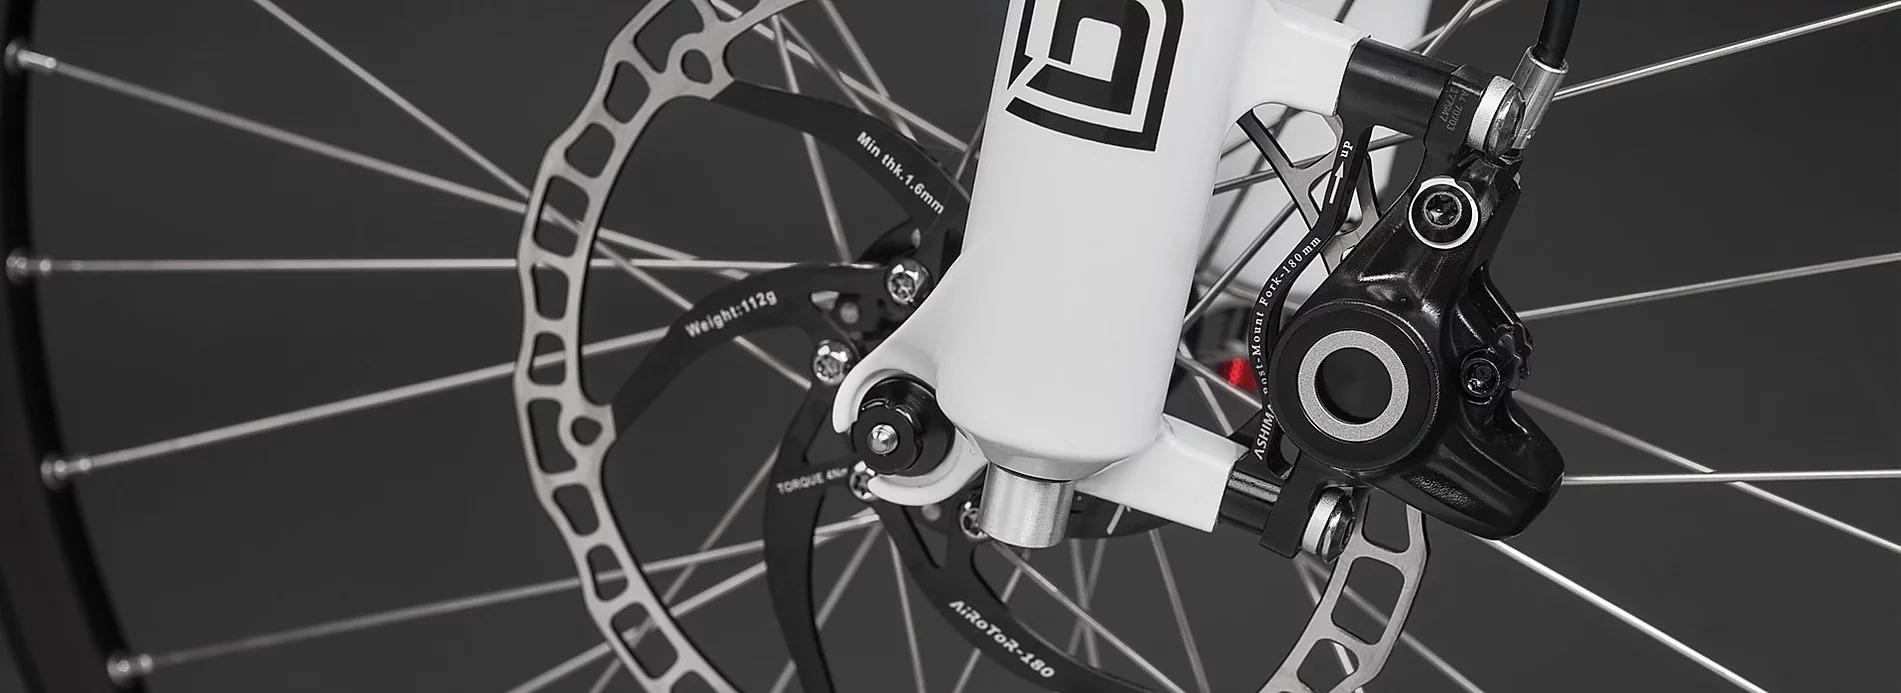 Bremsscheibe an einem Ben-E-Bike Jugendrad